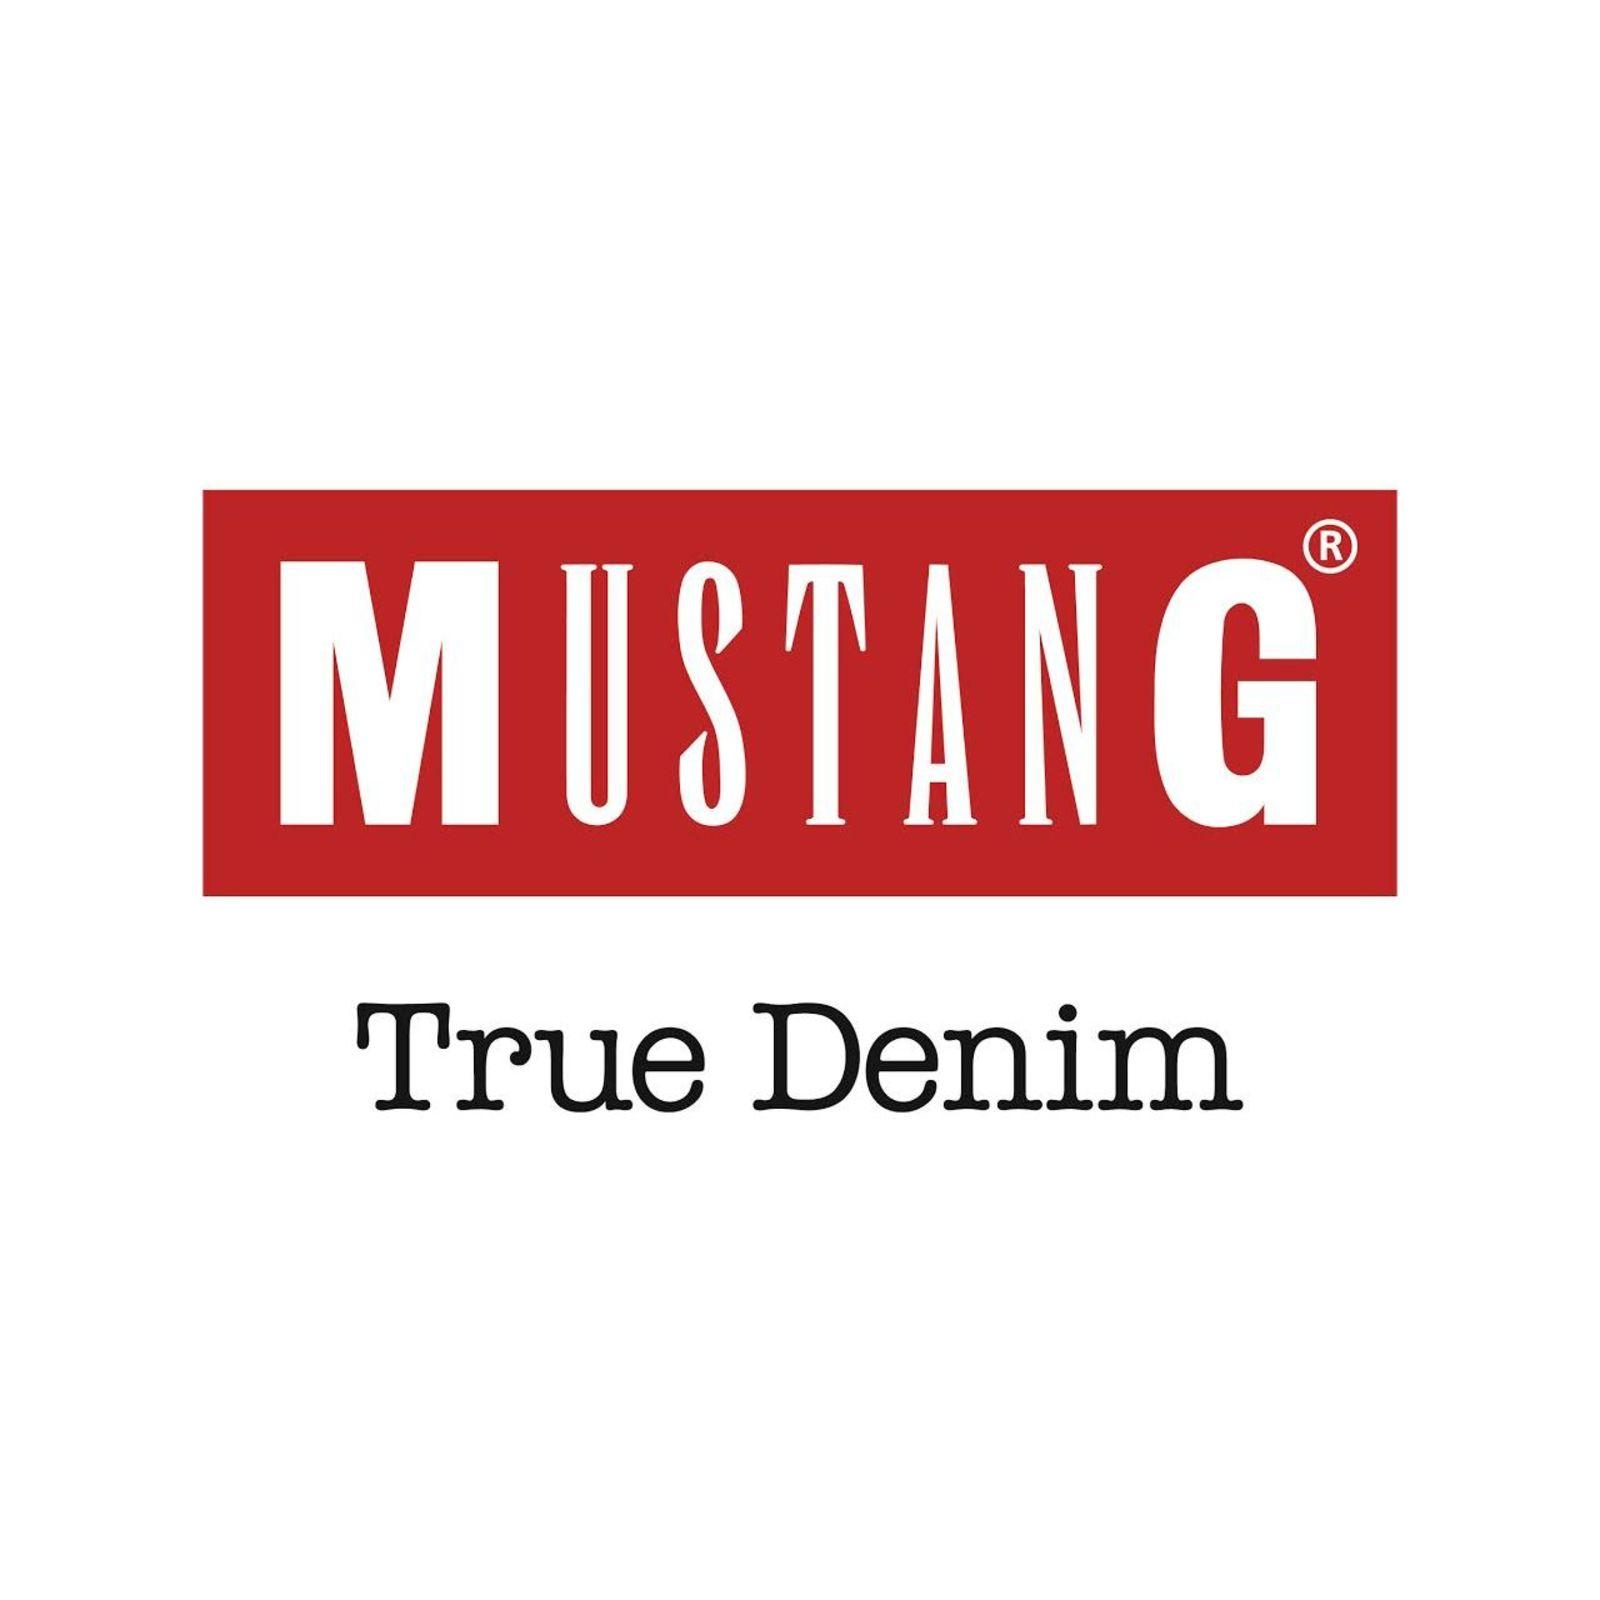 MUSTANG (Image 1)